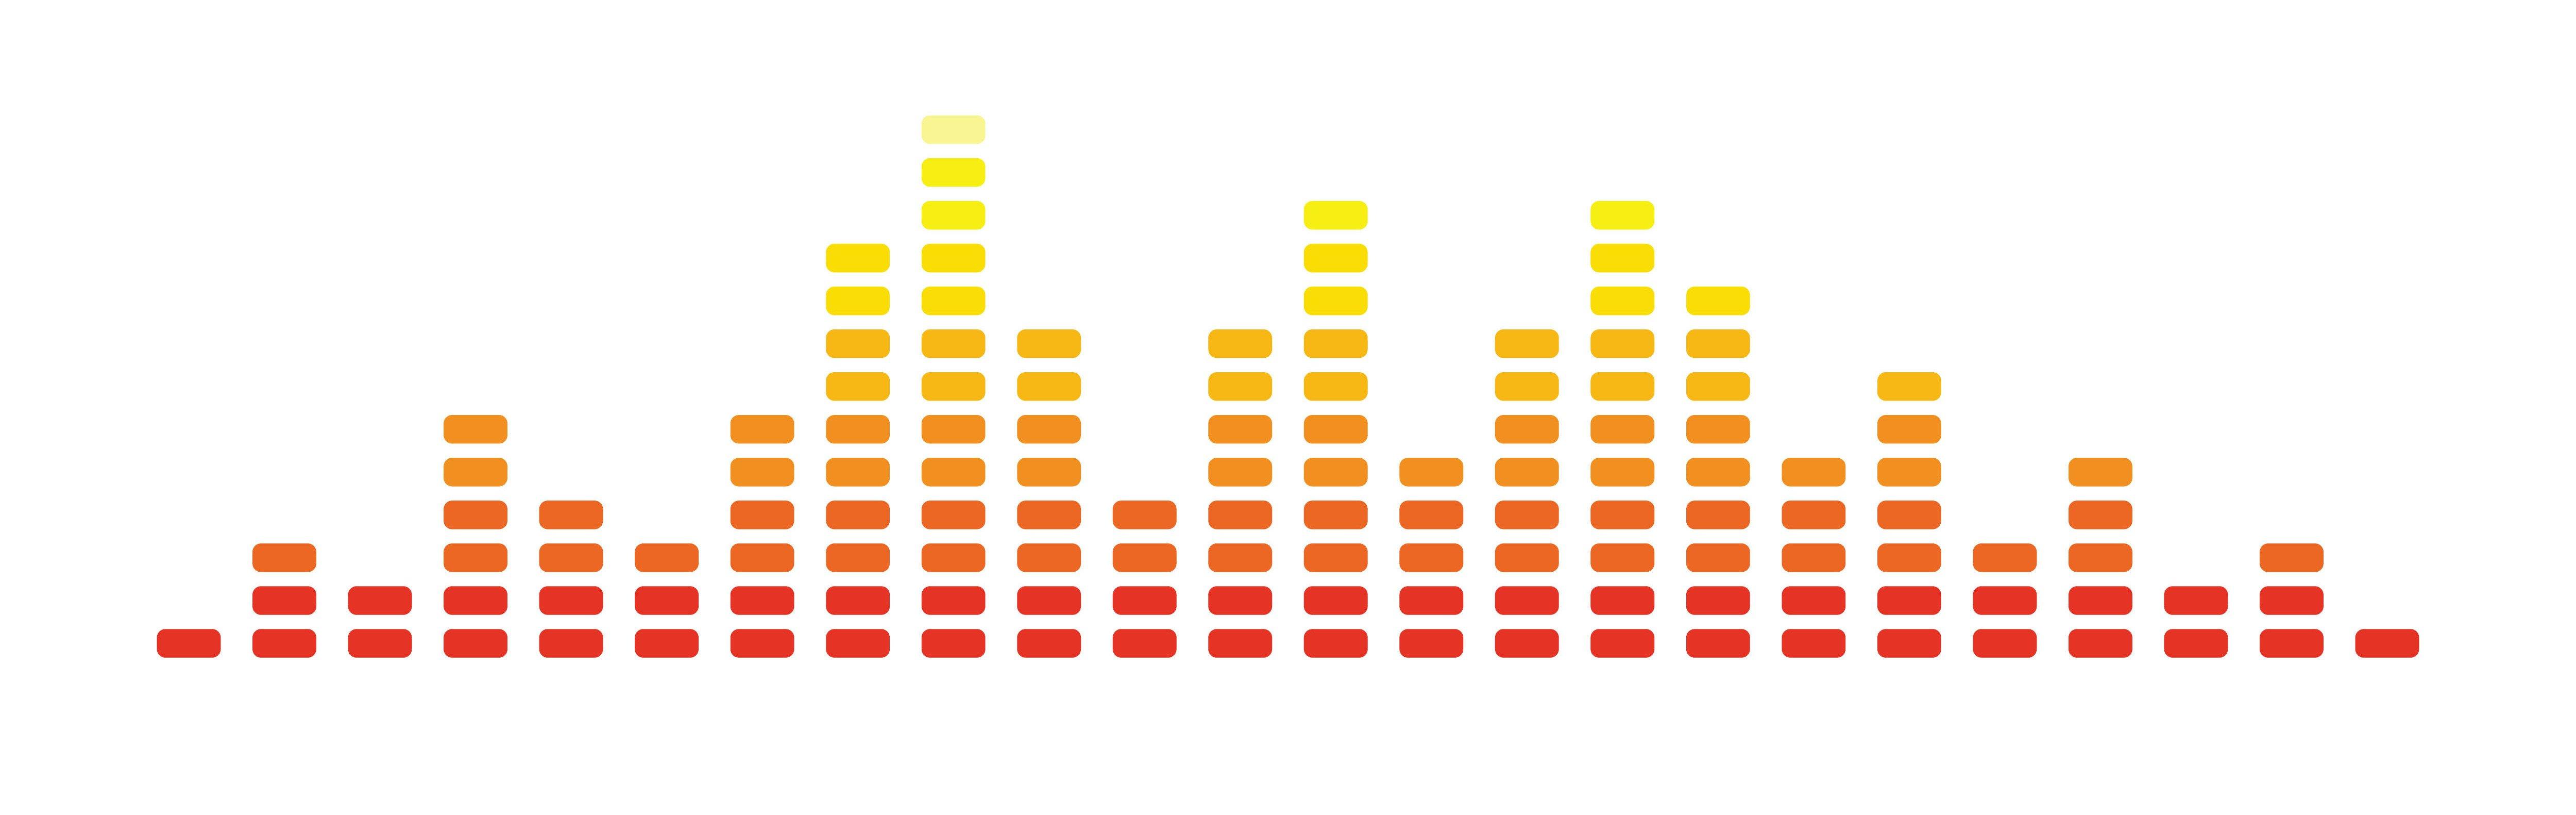 Music Levels